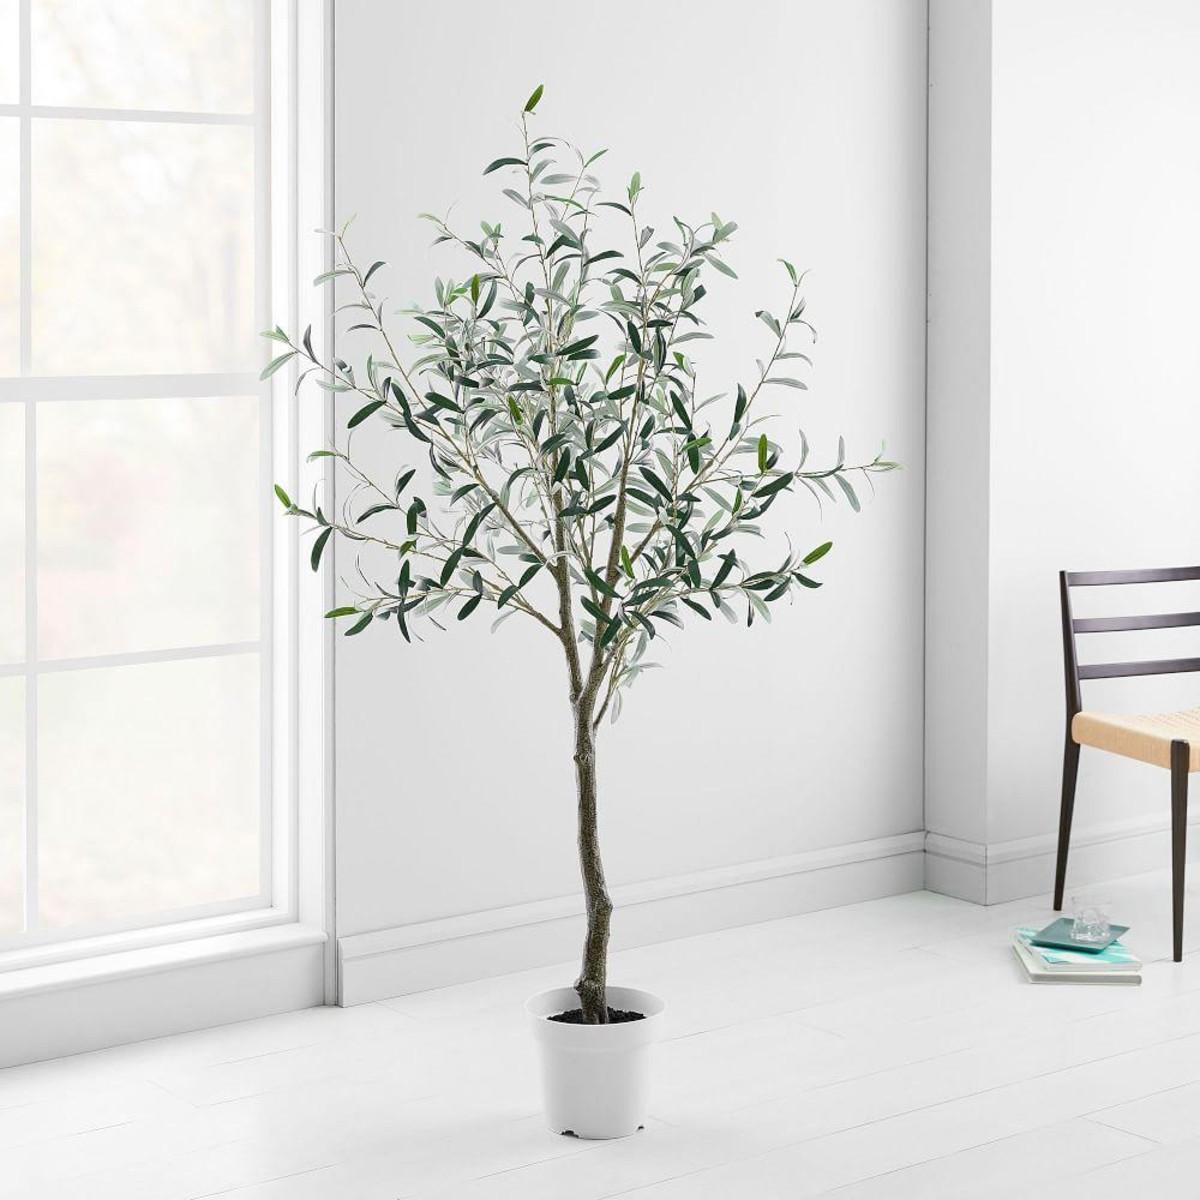 Retournez l'arbre (ou presque) et secouez-le rapidement pour le détacher du pot.